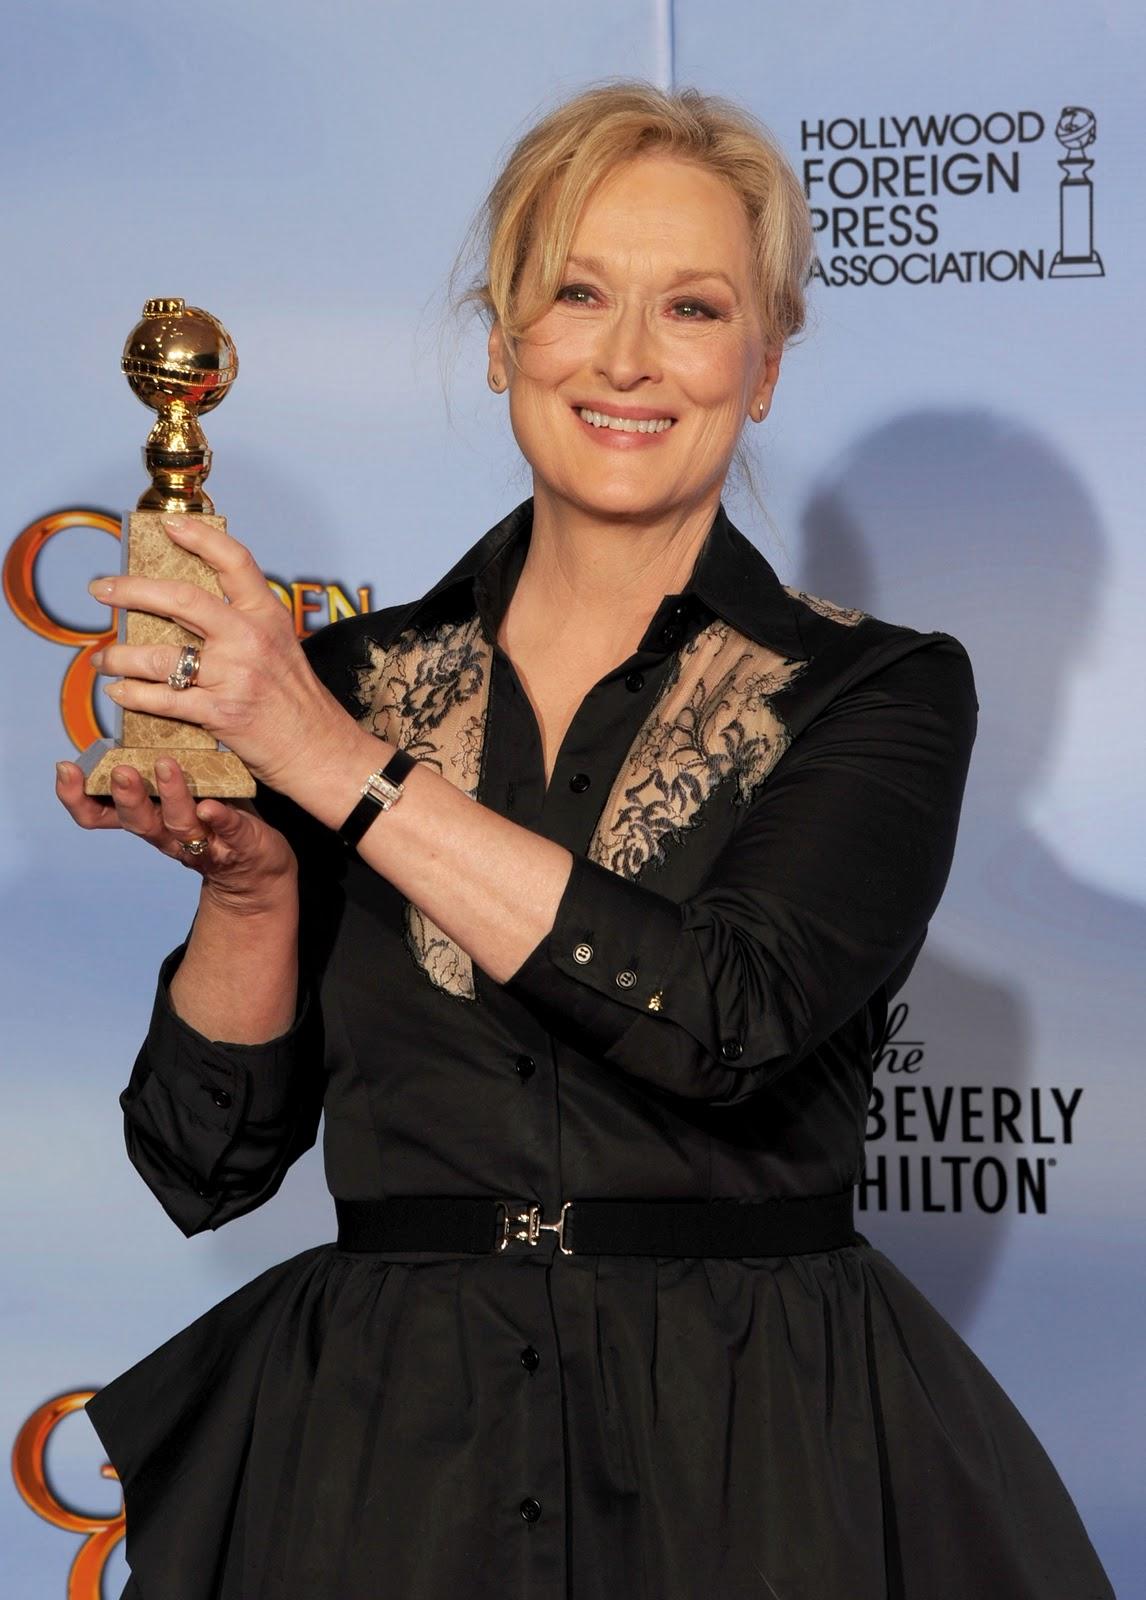 http://4.bp.blogspot.com/-QU81KYFbeIQ/TxSxejBbfpI/AAAAAAAAGTA/ppE4XoEDjC0/s1600/Meryl_Streep_chose_Jaeger-LeCoultre_101_watch_at_Golden_Globes.jpg